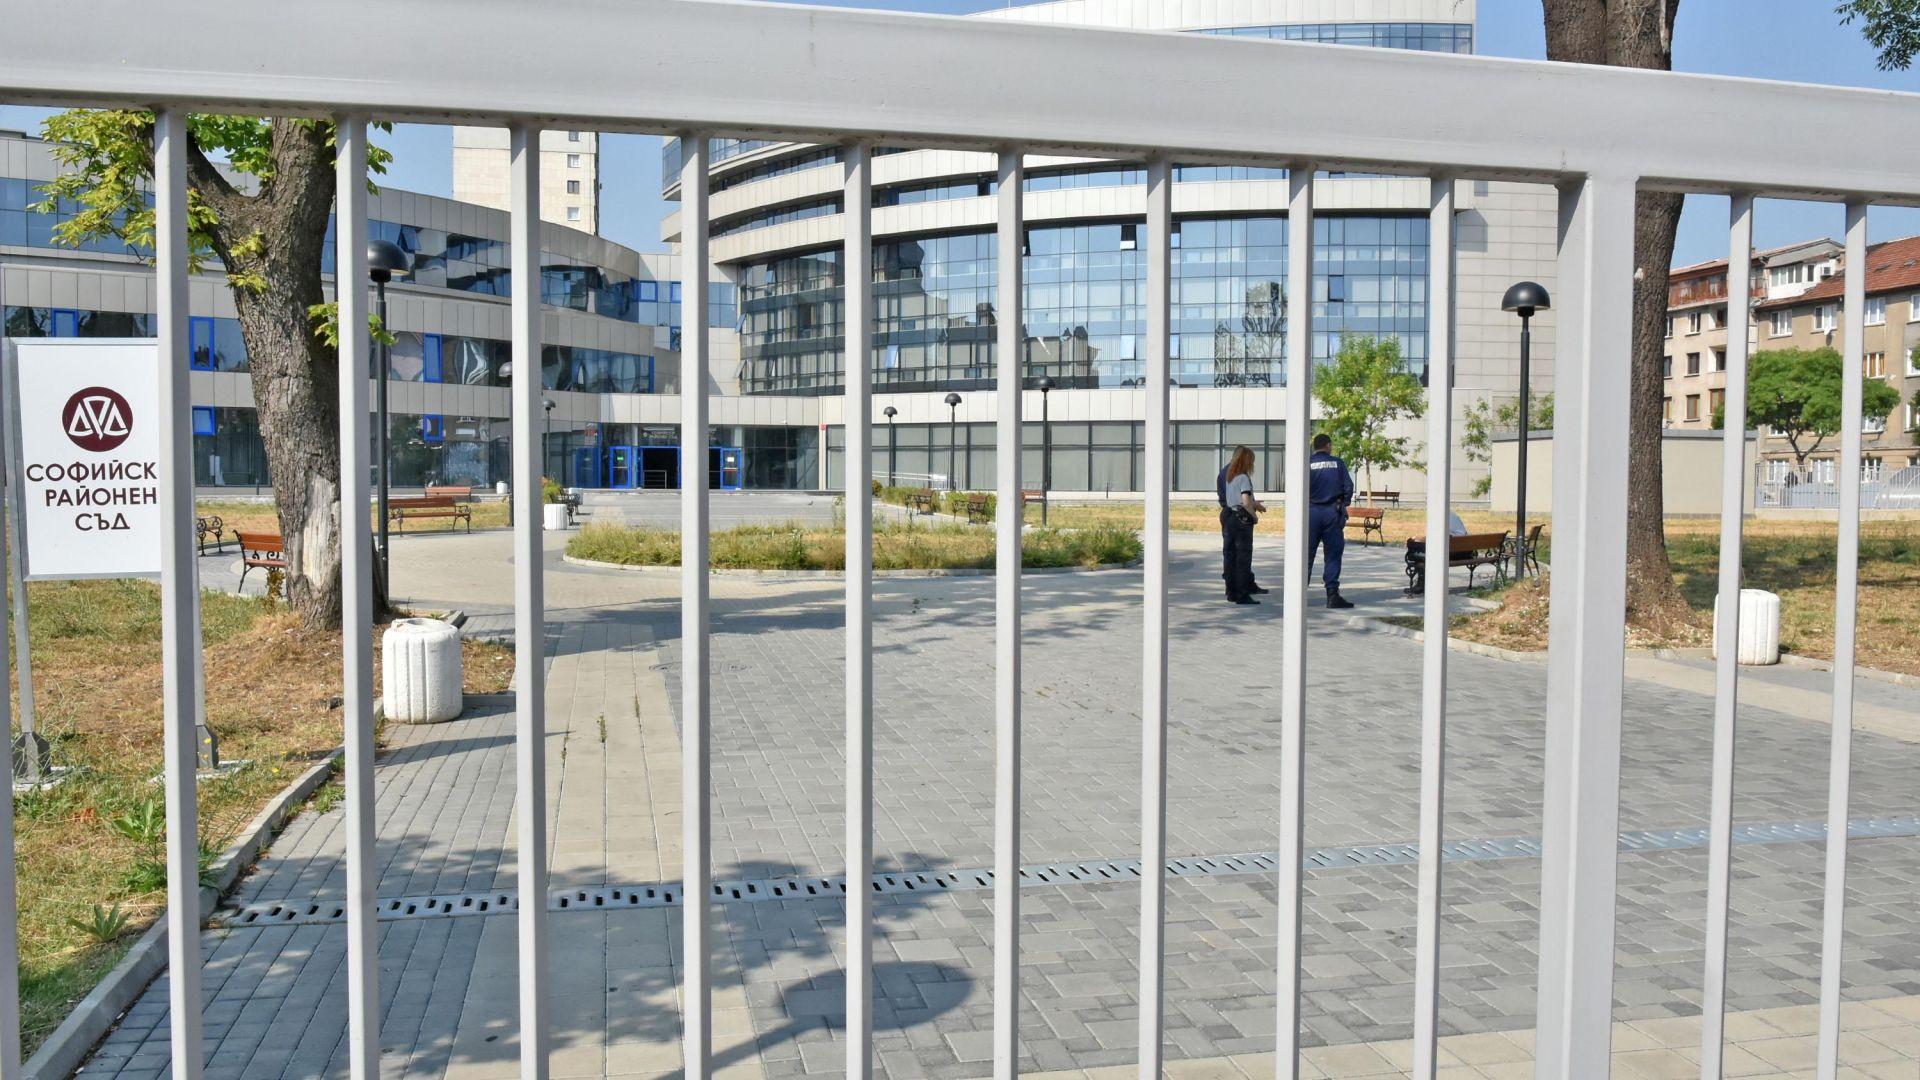 Сигнал за бомба опразни Софийския районен съд